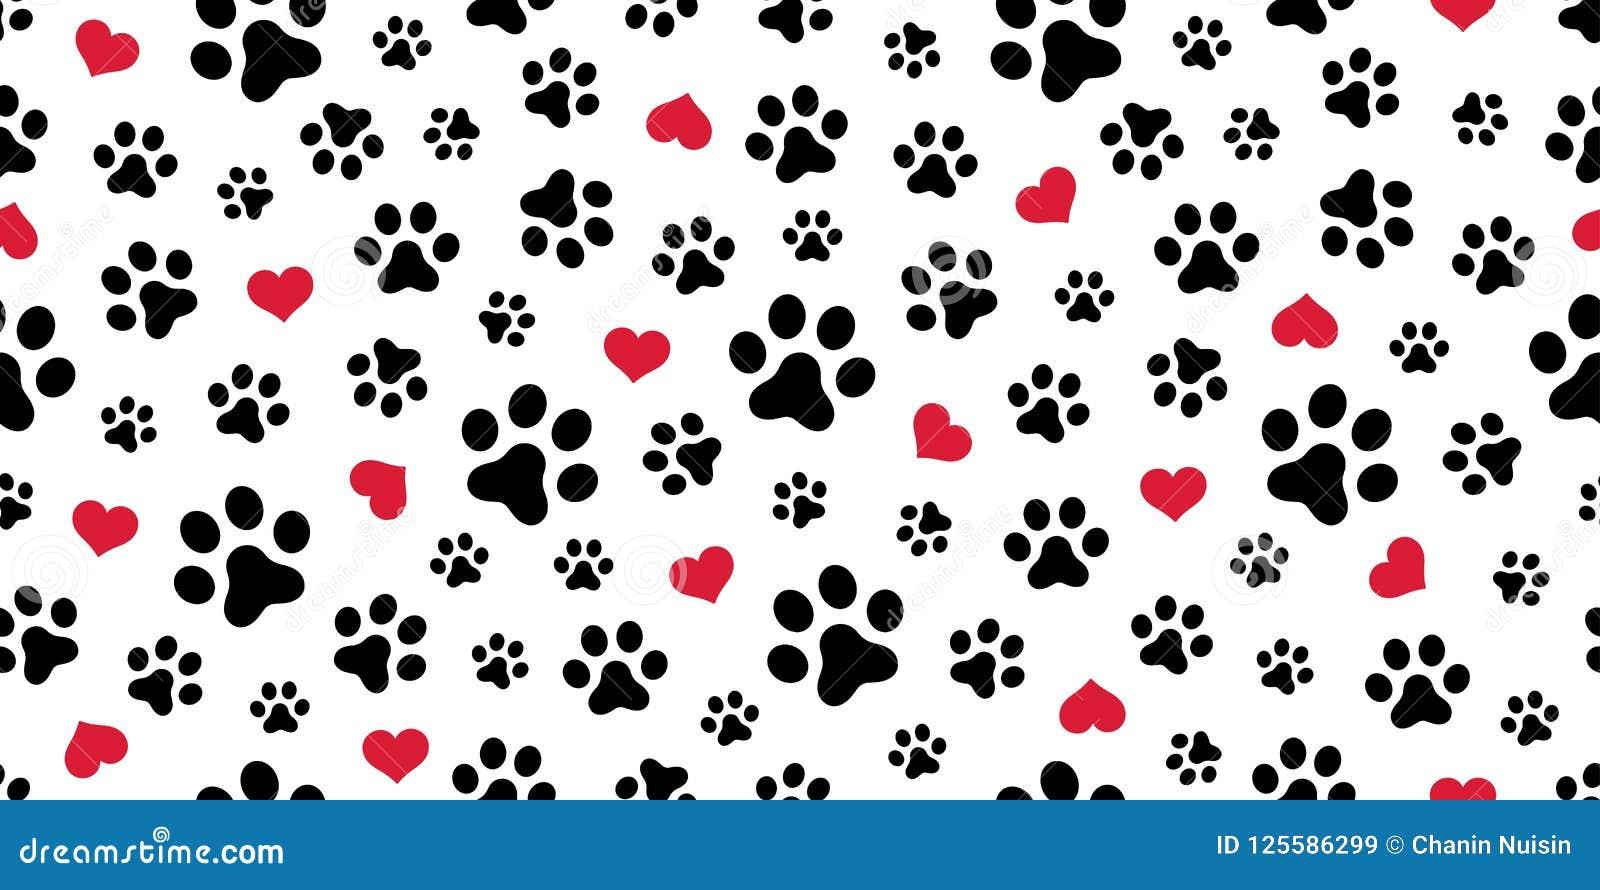 Persiga o fundo isolado coração do papel de parede do Valentim do lenço do vetor do teste padrão de Paw Seamless